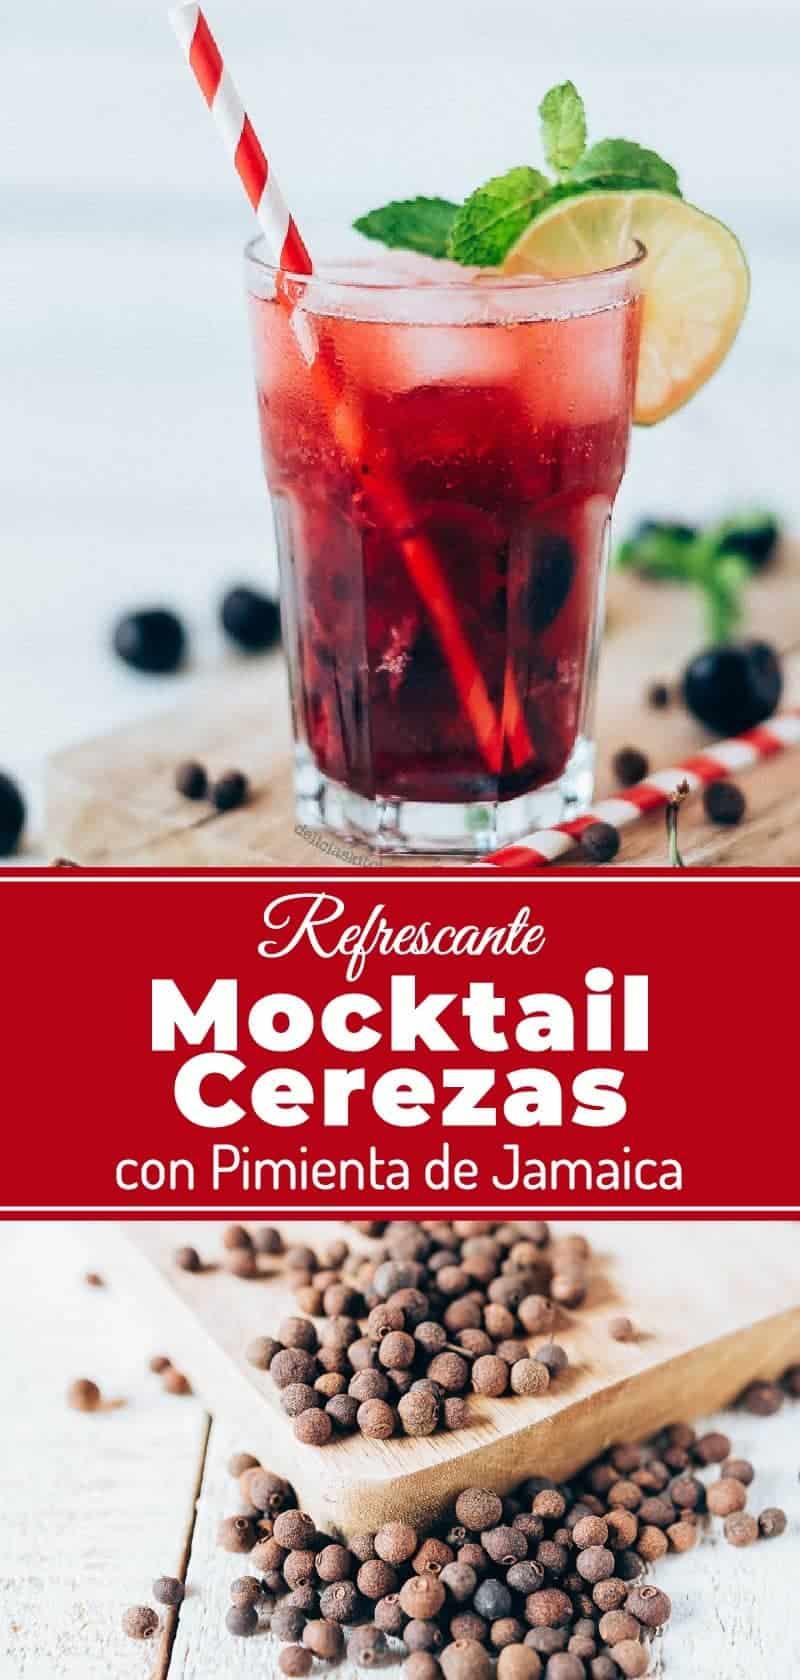 Mocktail de cerezas y pimienta de Jamaica